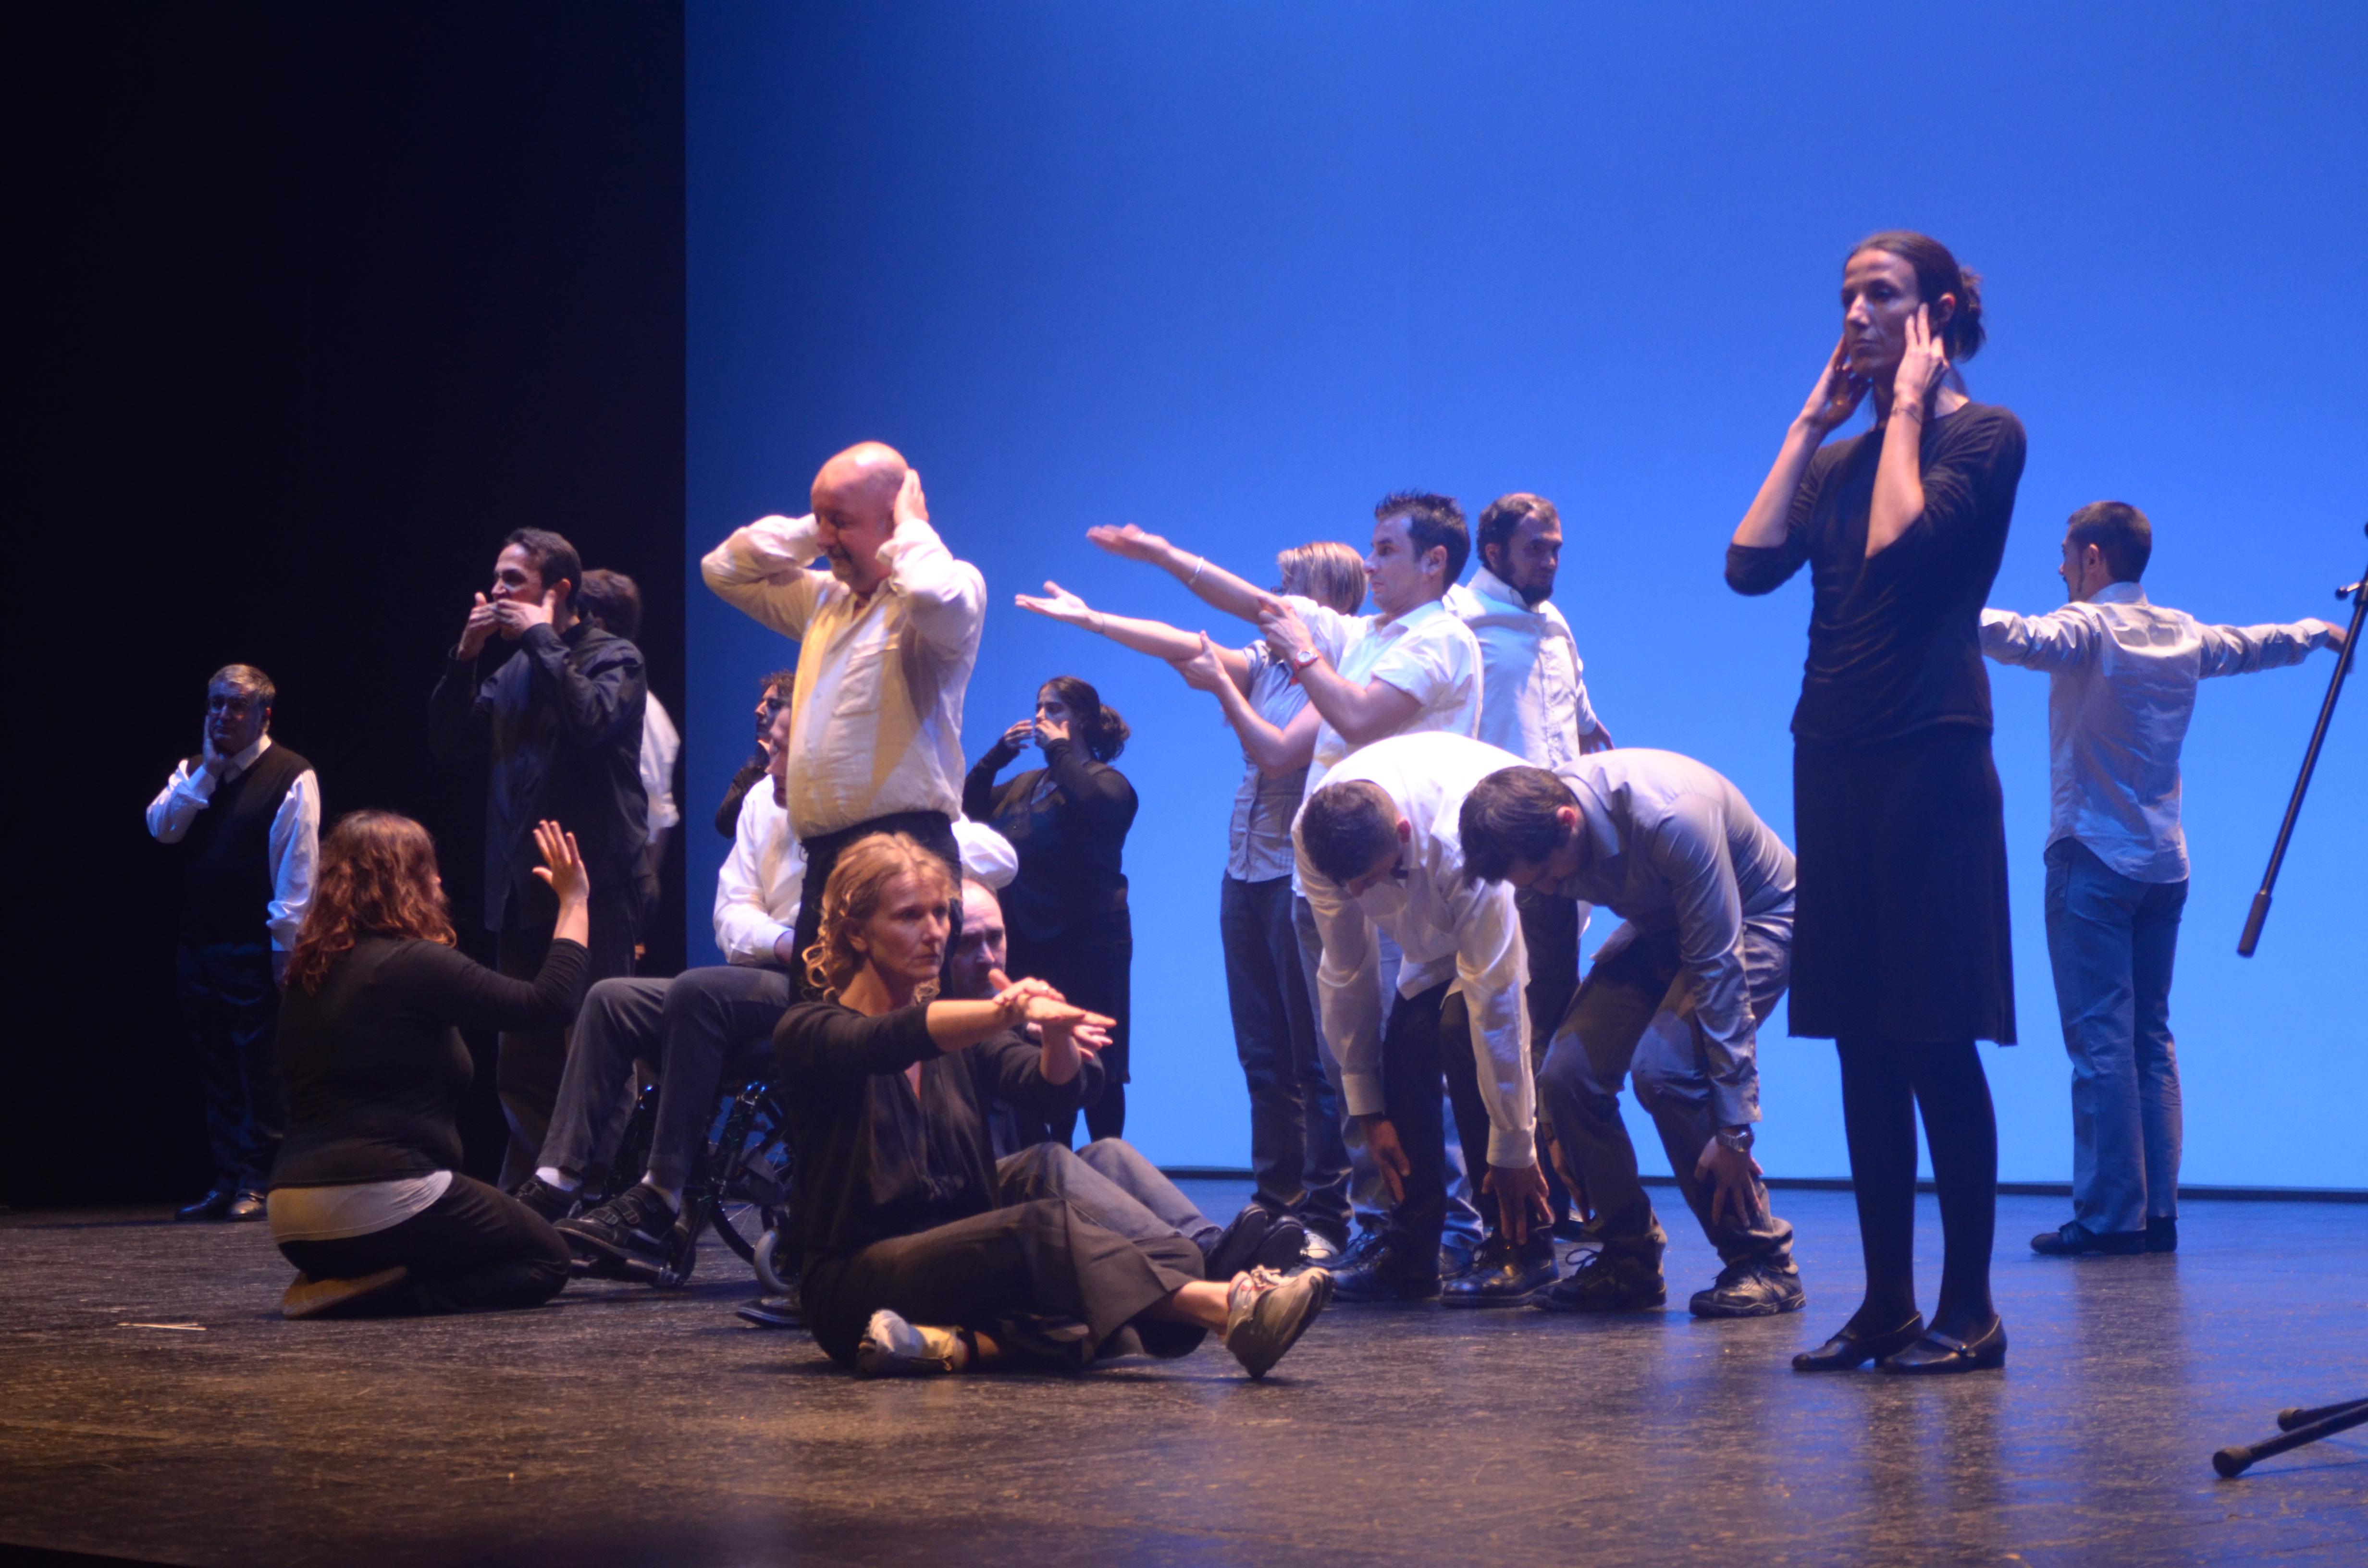 Teatro dei risvegli3